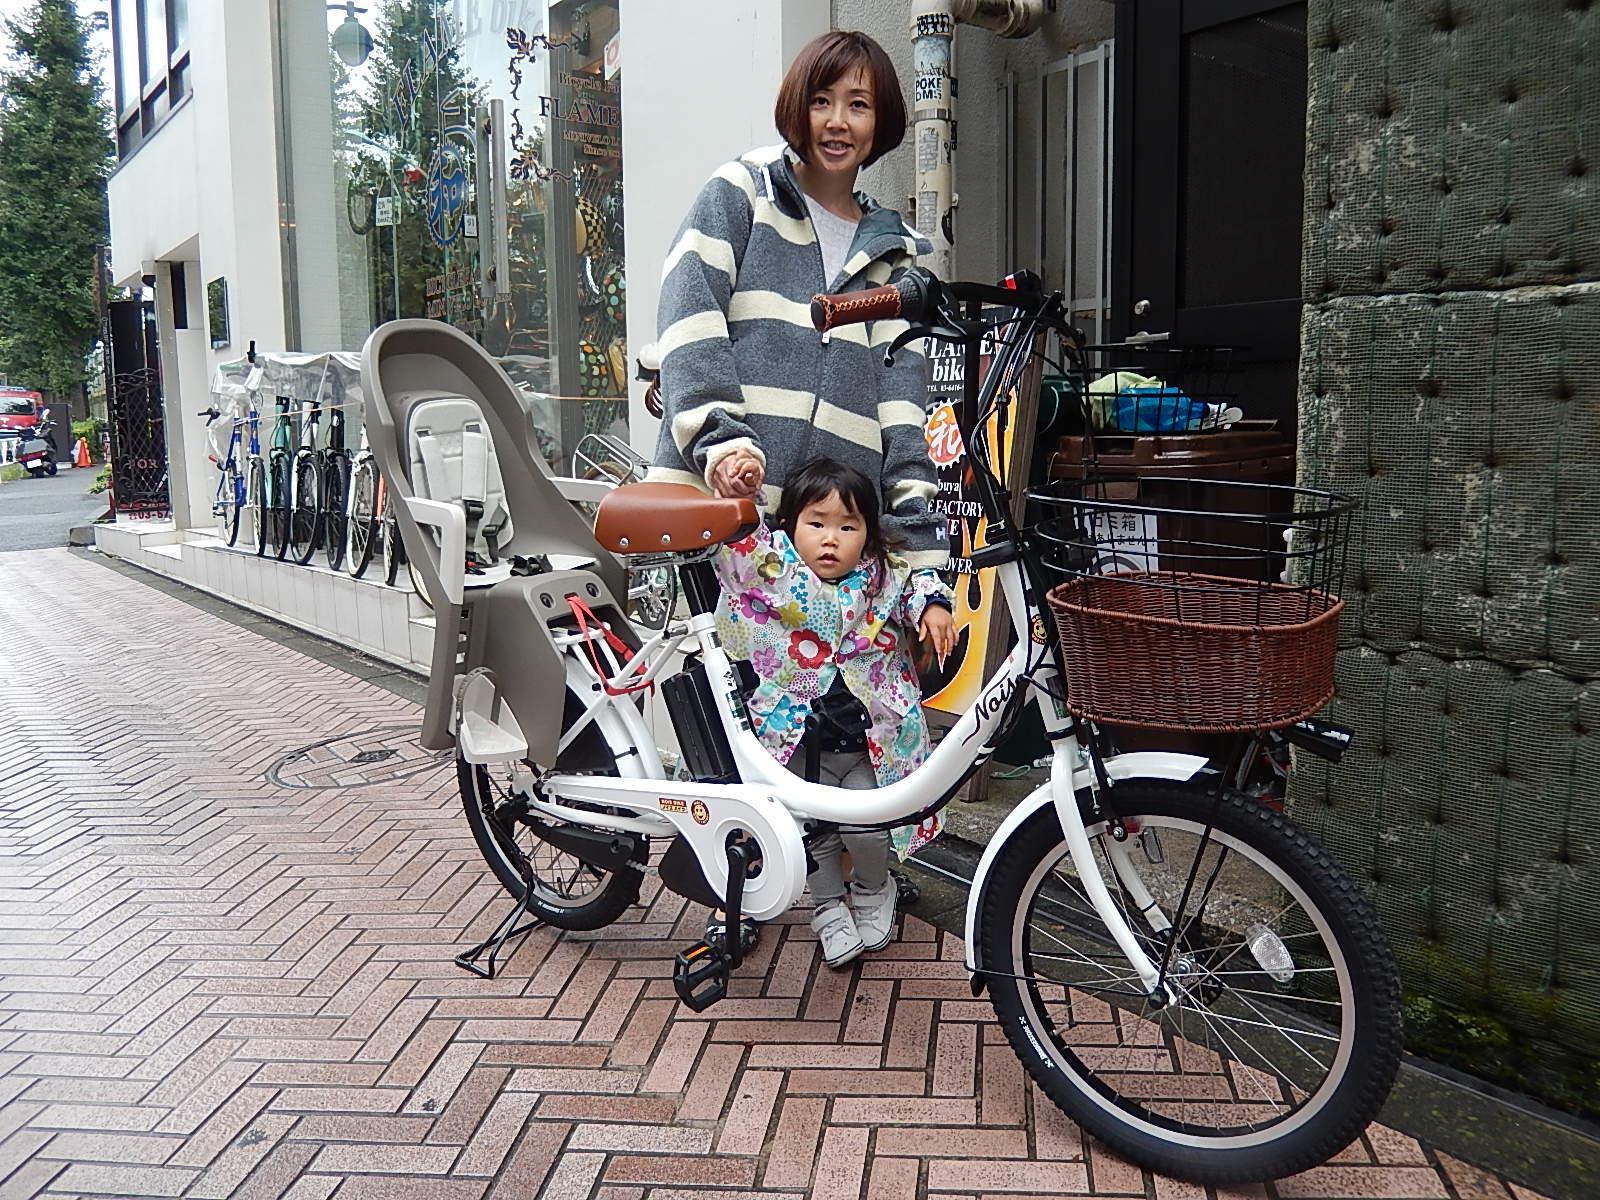 10月16日 渋谷 原宿 の自転車屋 FLAME bike前です_e0188759_17574087.jpg